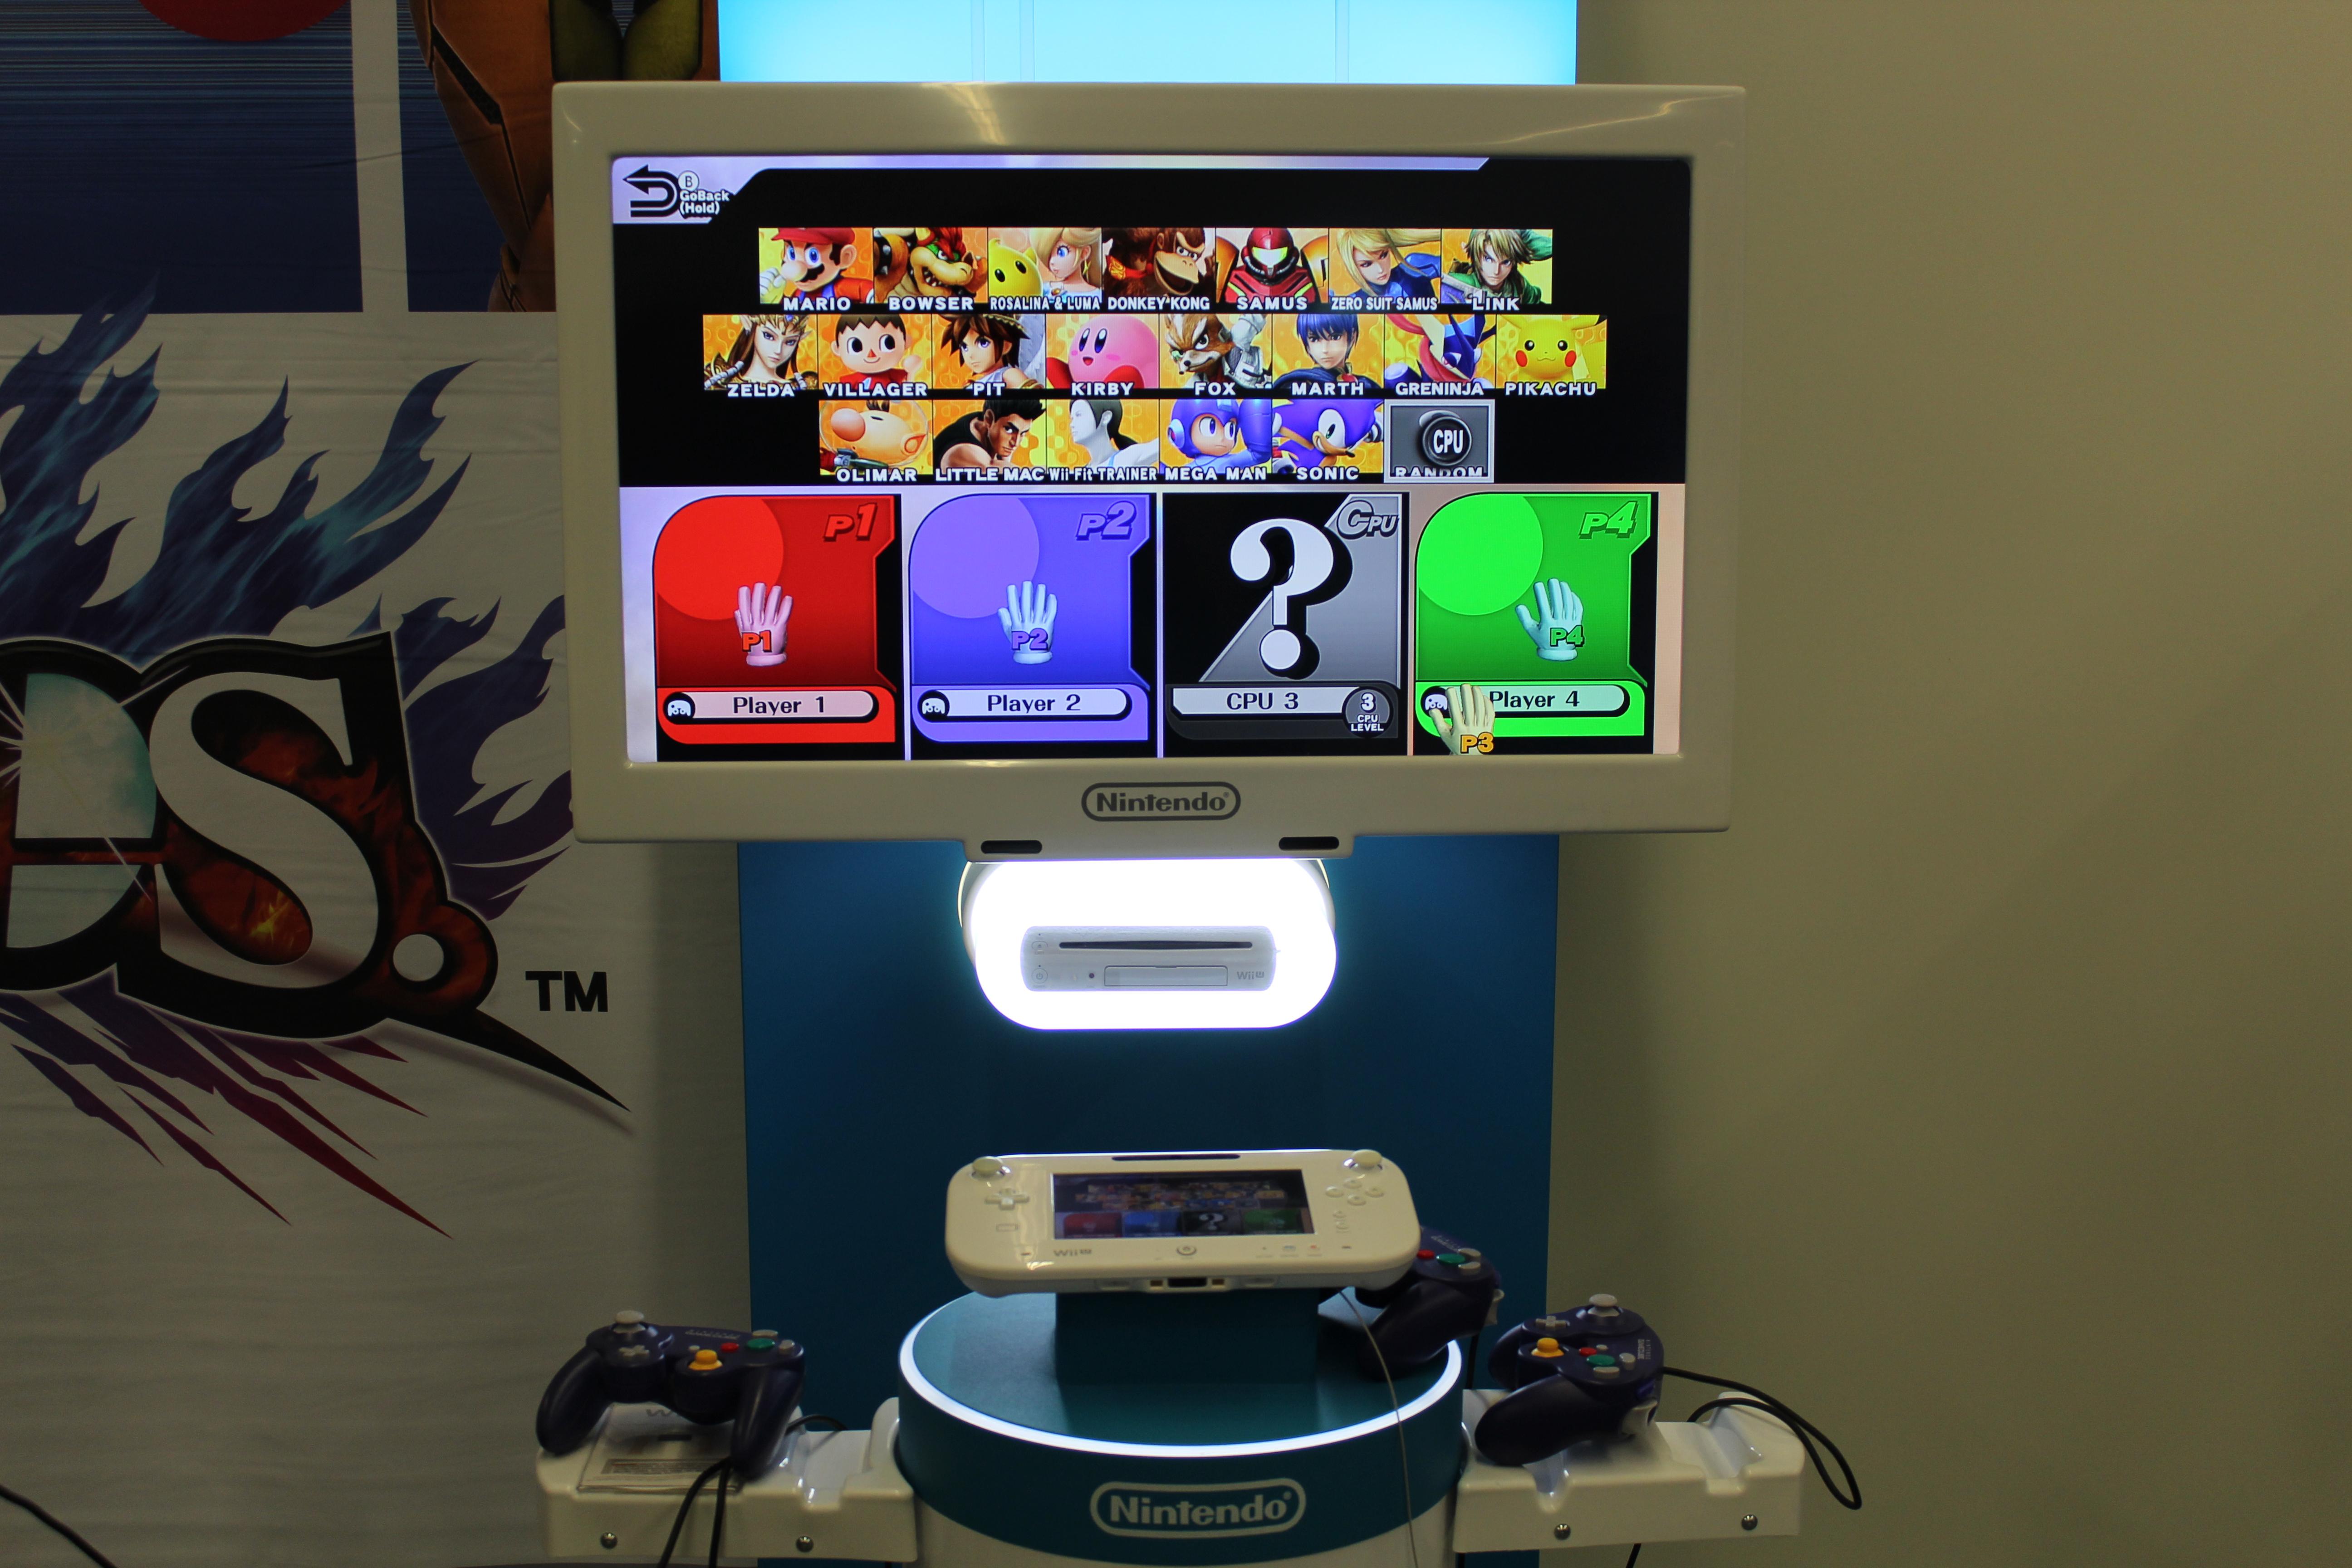 SSB-WiiU-Gamescom